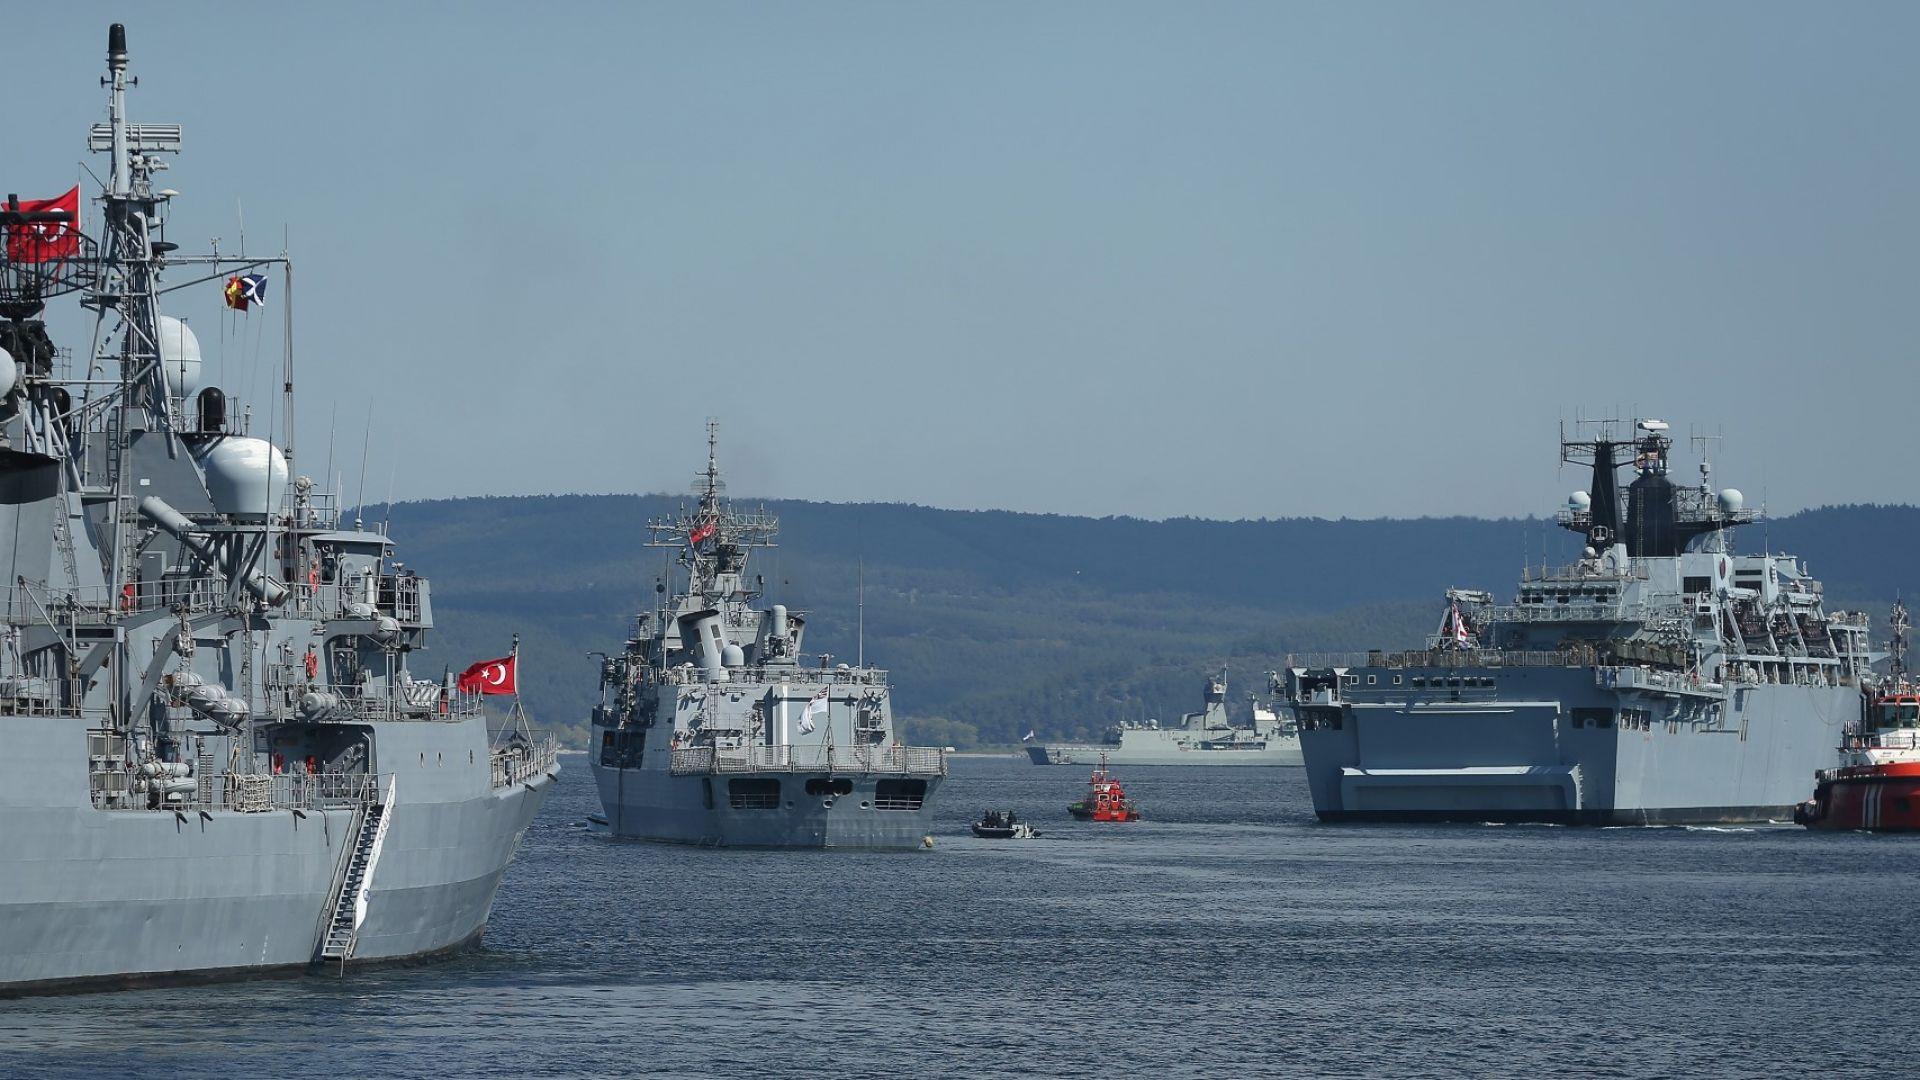 Турция започна да строи нова военноморска база на Черно море заради конфликта в Керч